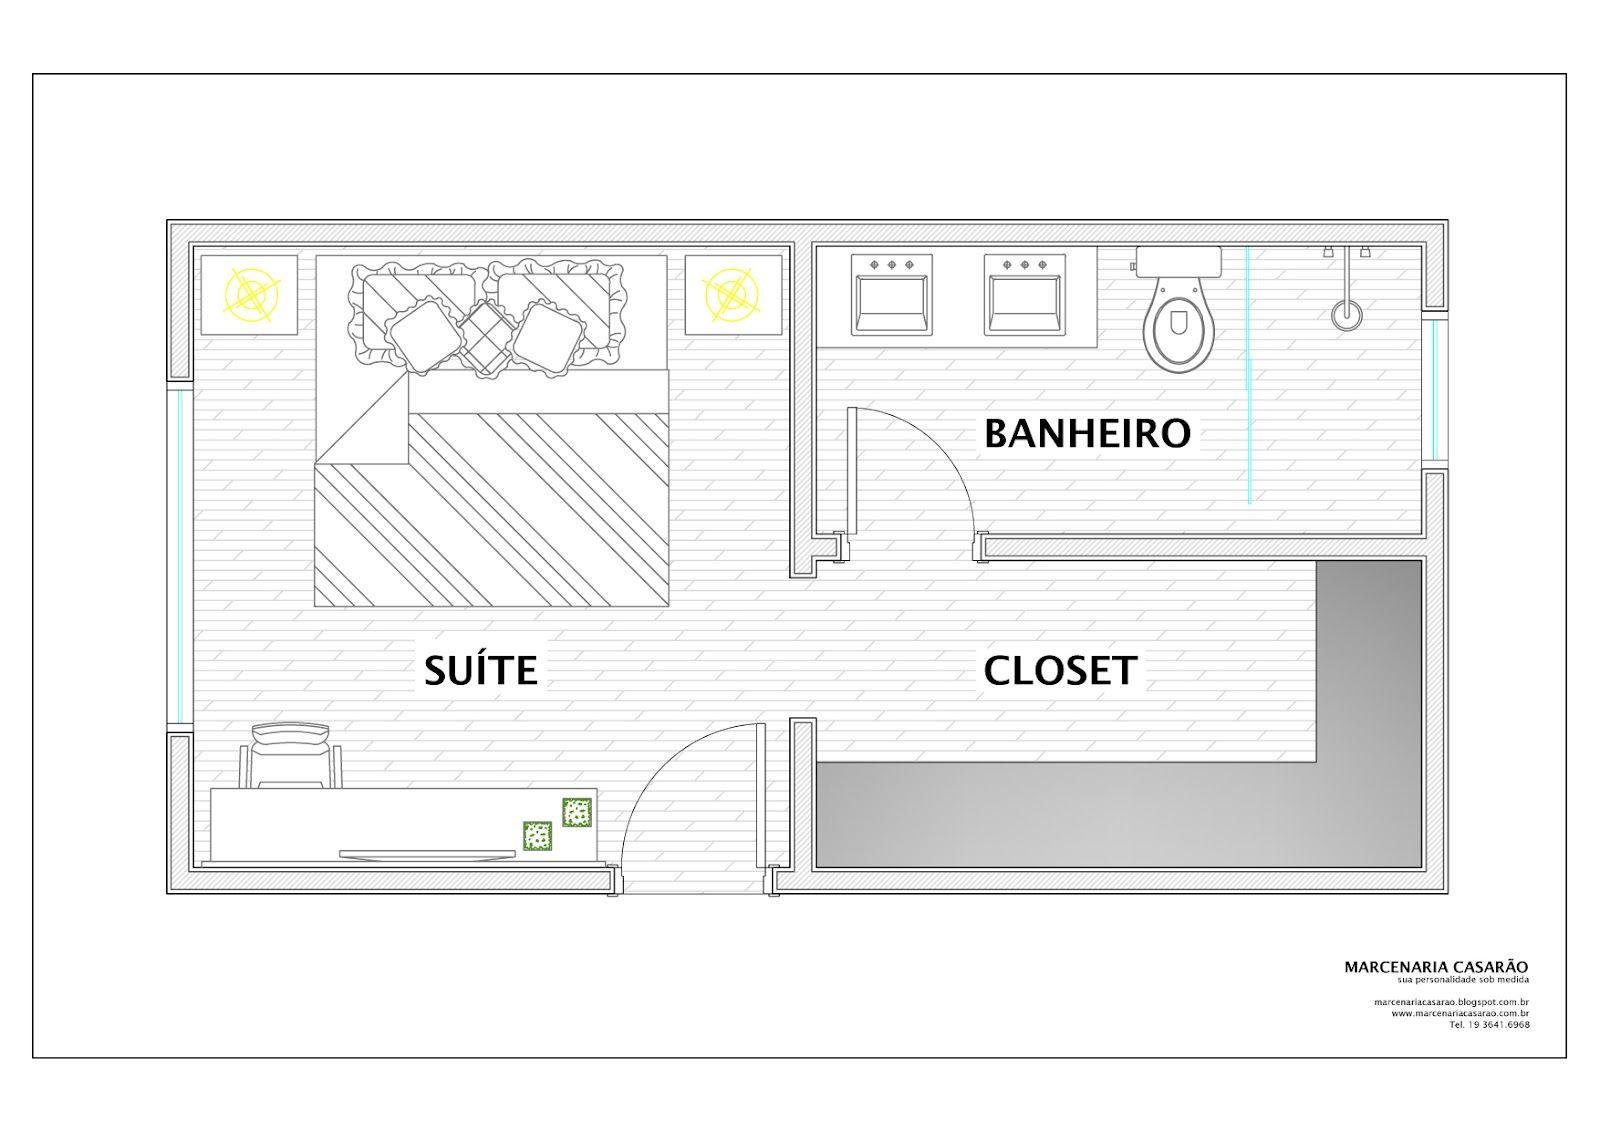 Profundidade Ideal Closet Pesquisa Google Casinha 3 Pinterest ~ Tamanho Ideal Quarto Casal Closet